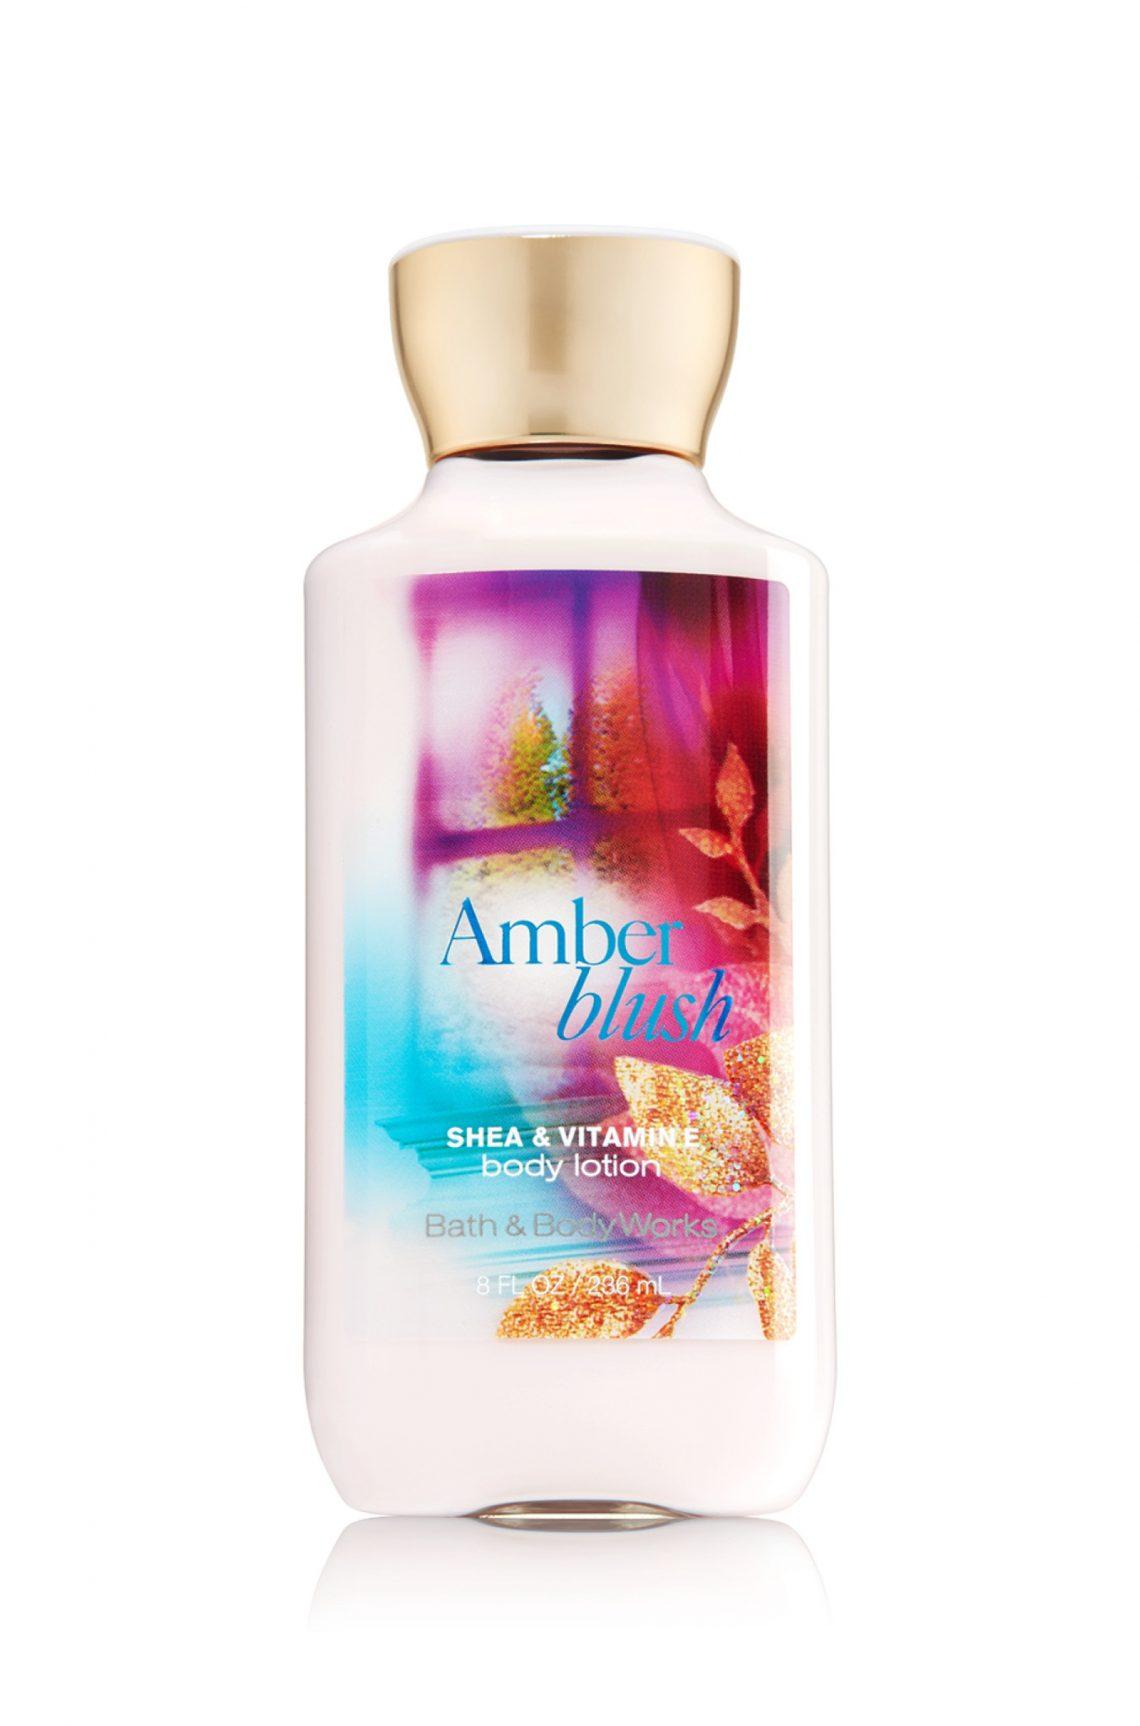 Bath & Body Works - Amber Blush Body Lotion